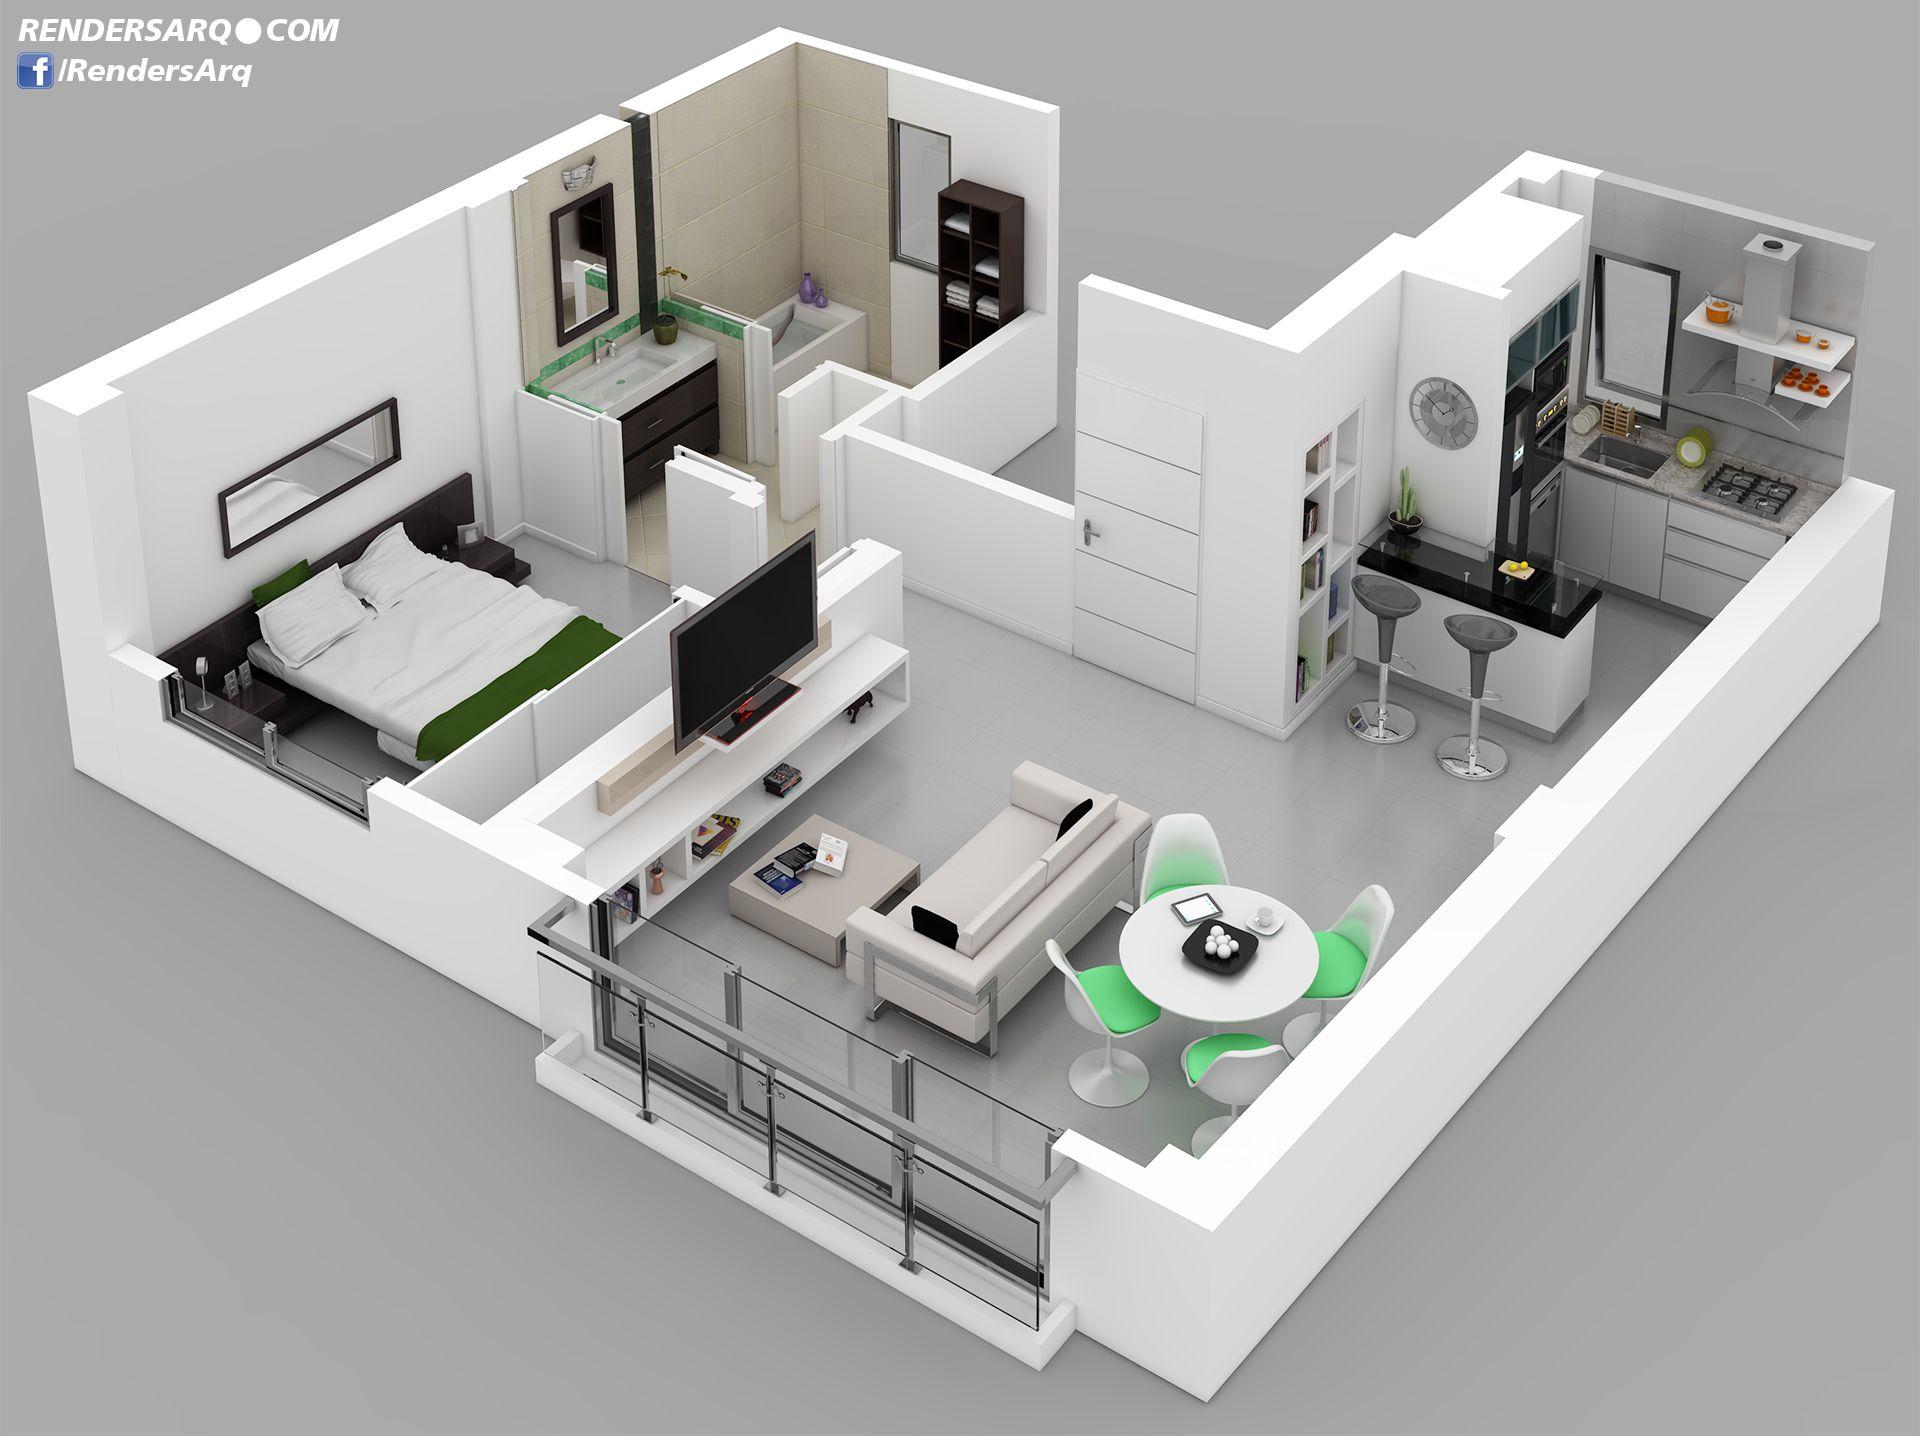 Casas de dos pisos planos 3d google search casas - Planos en 3d de casas ...